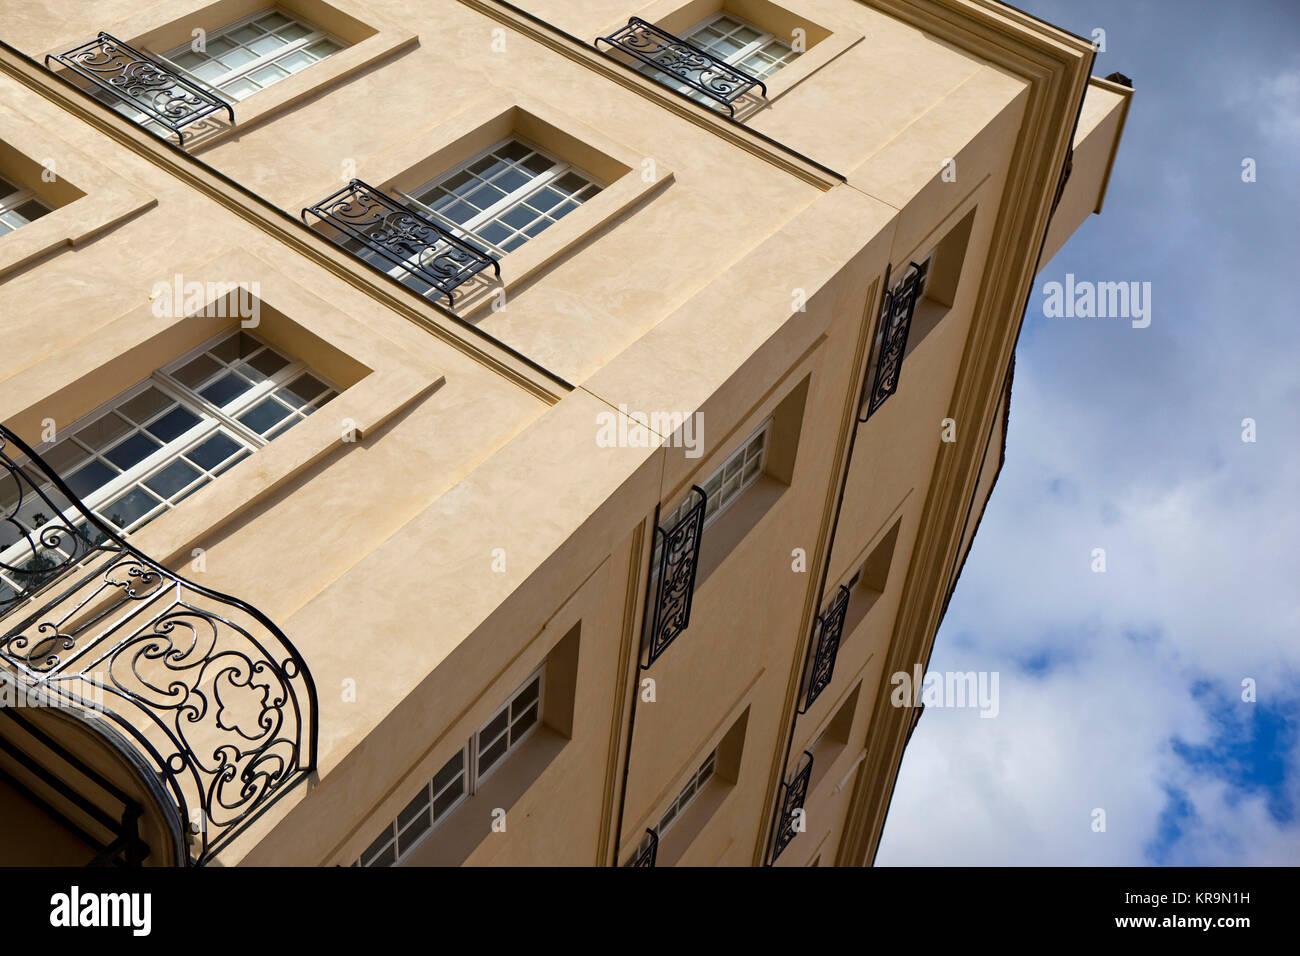 Classic building in Paris - Stock Image